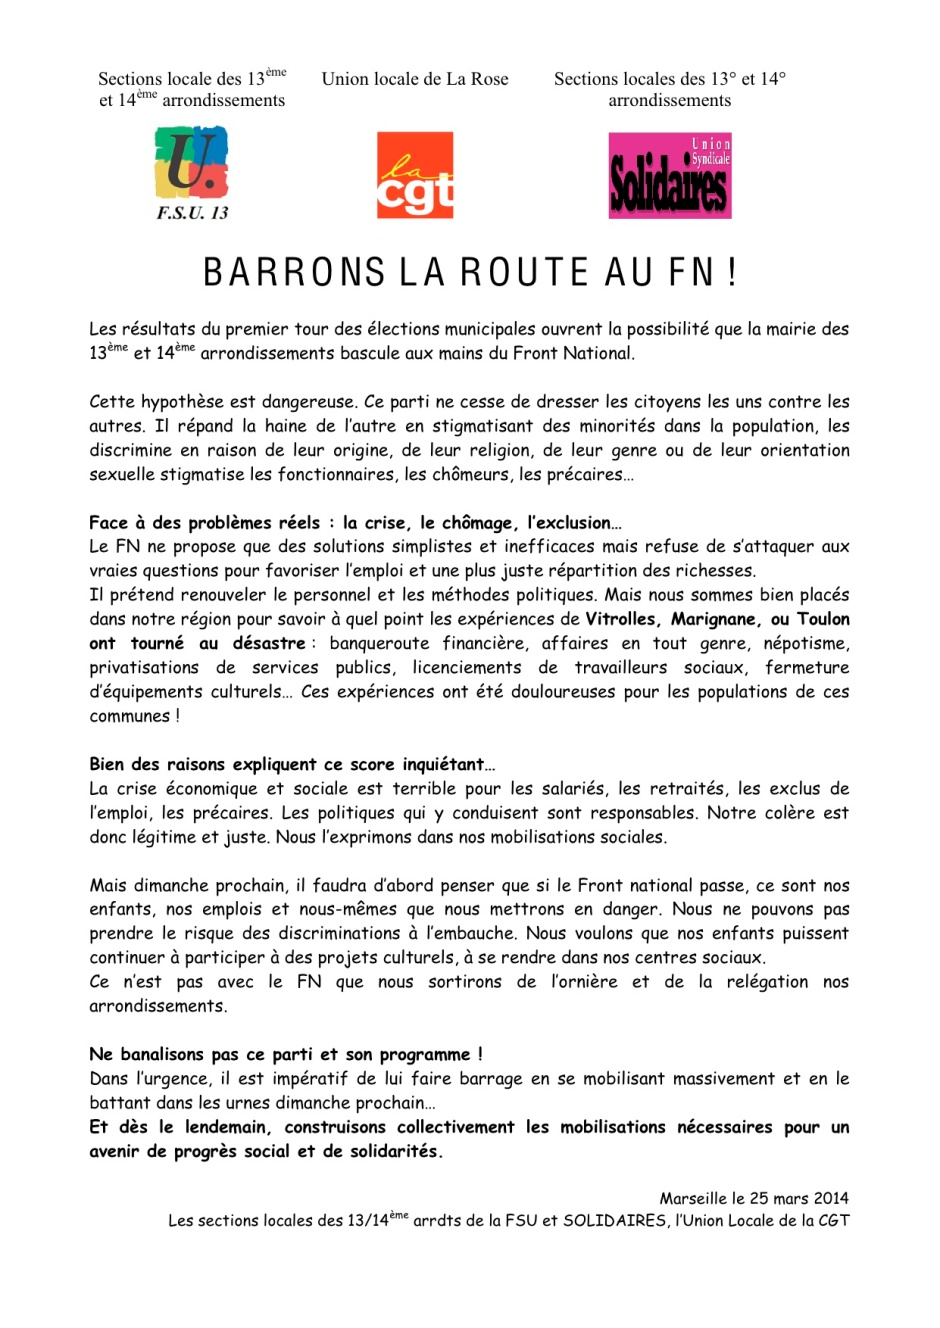 Appel Barrons la route au FN, Marseille 13-14è